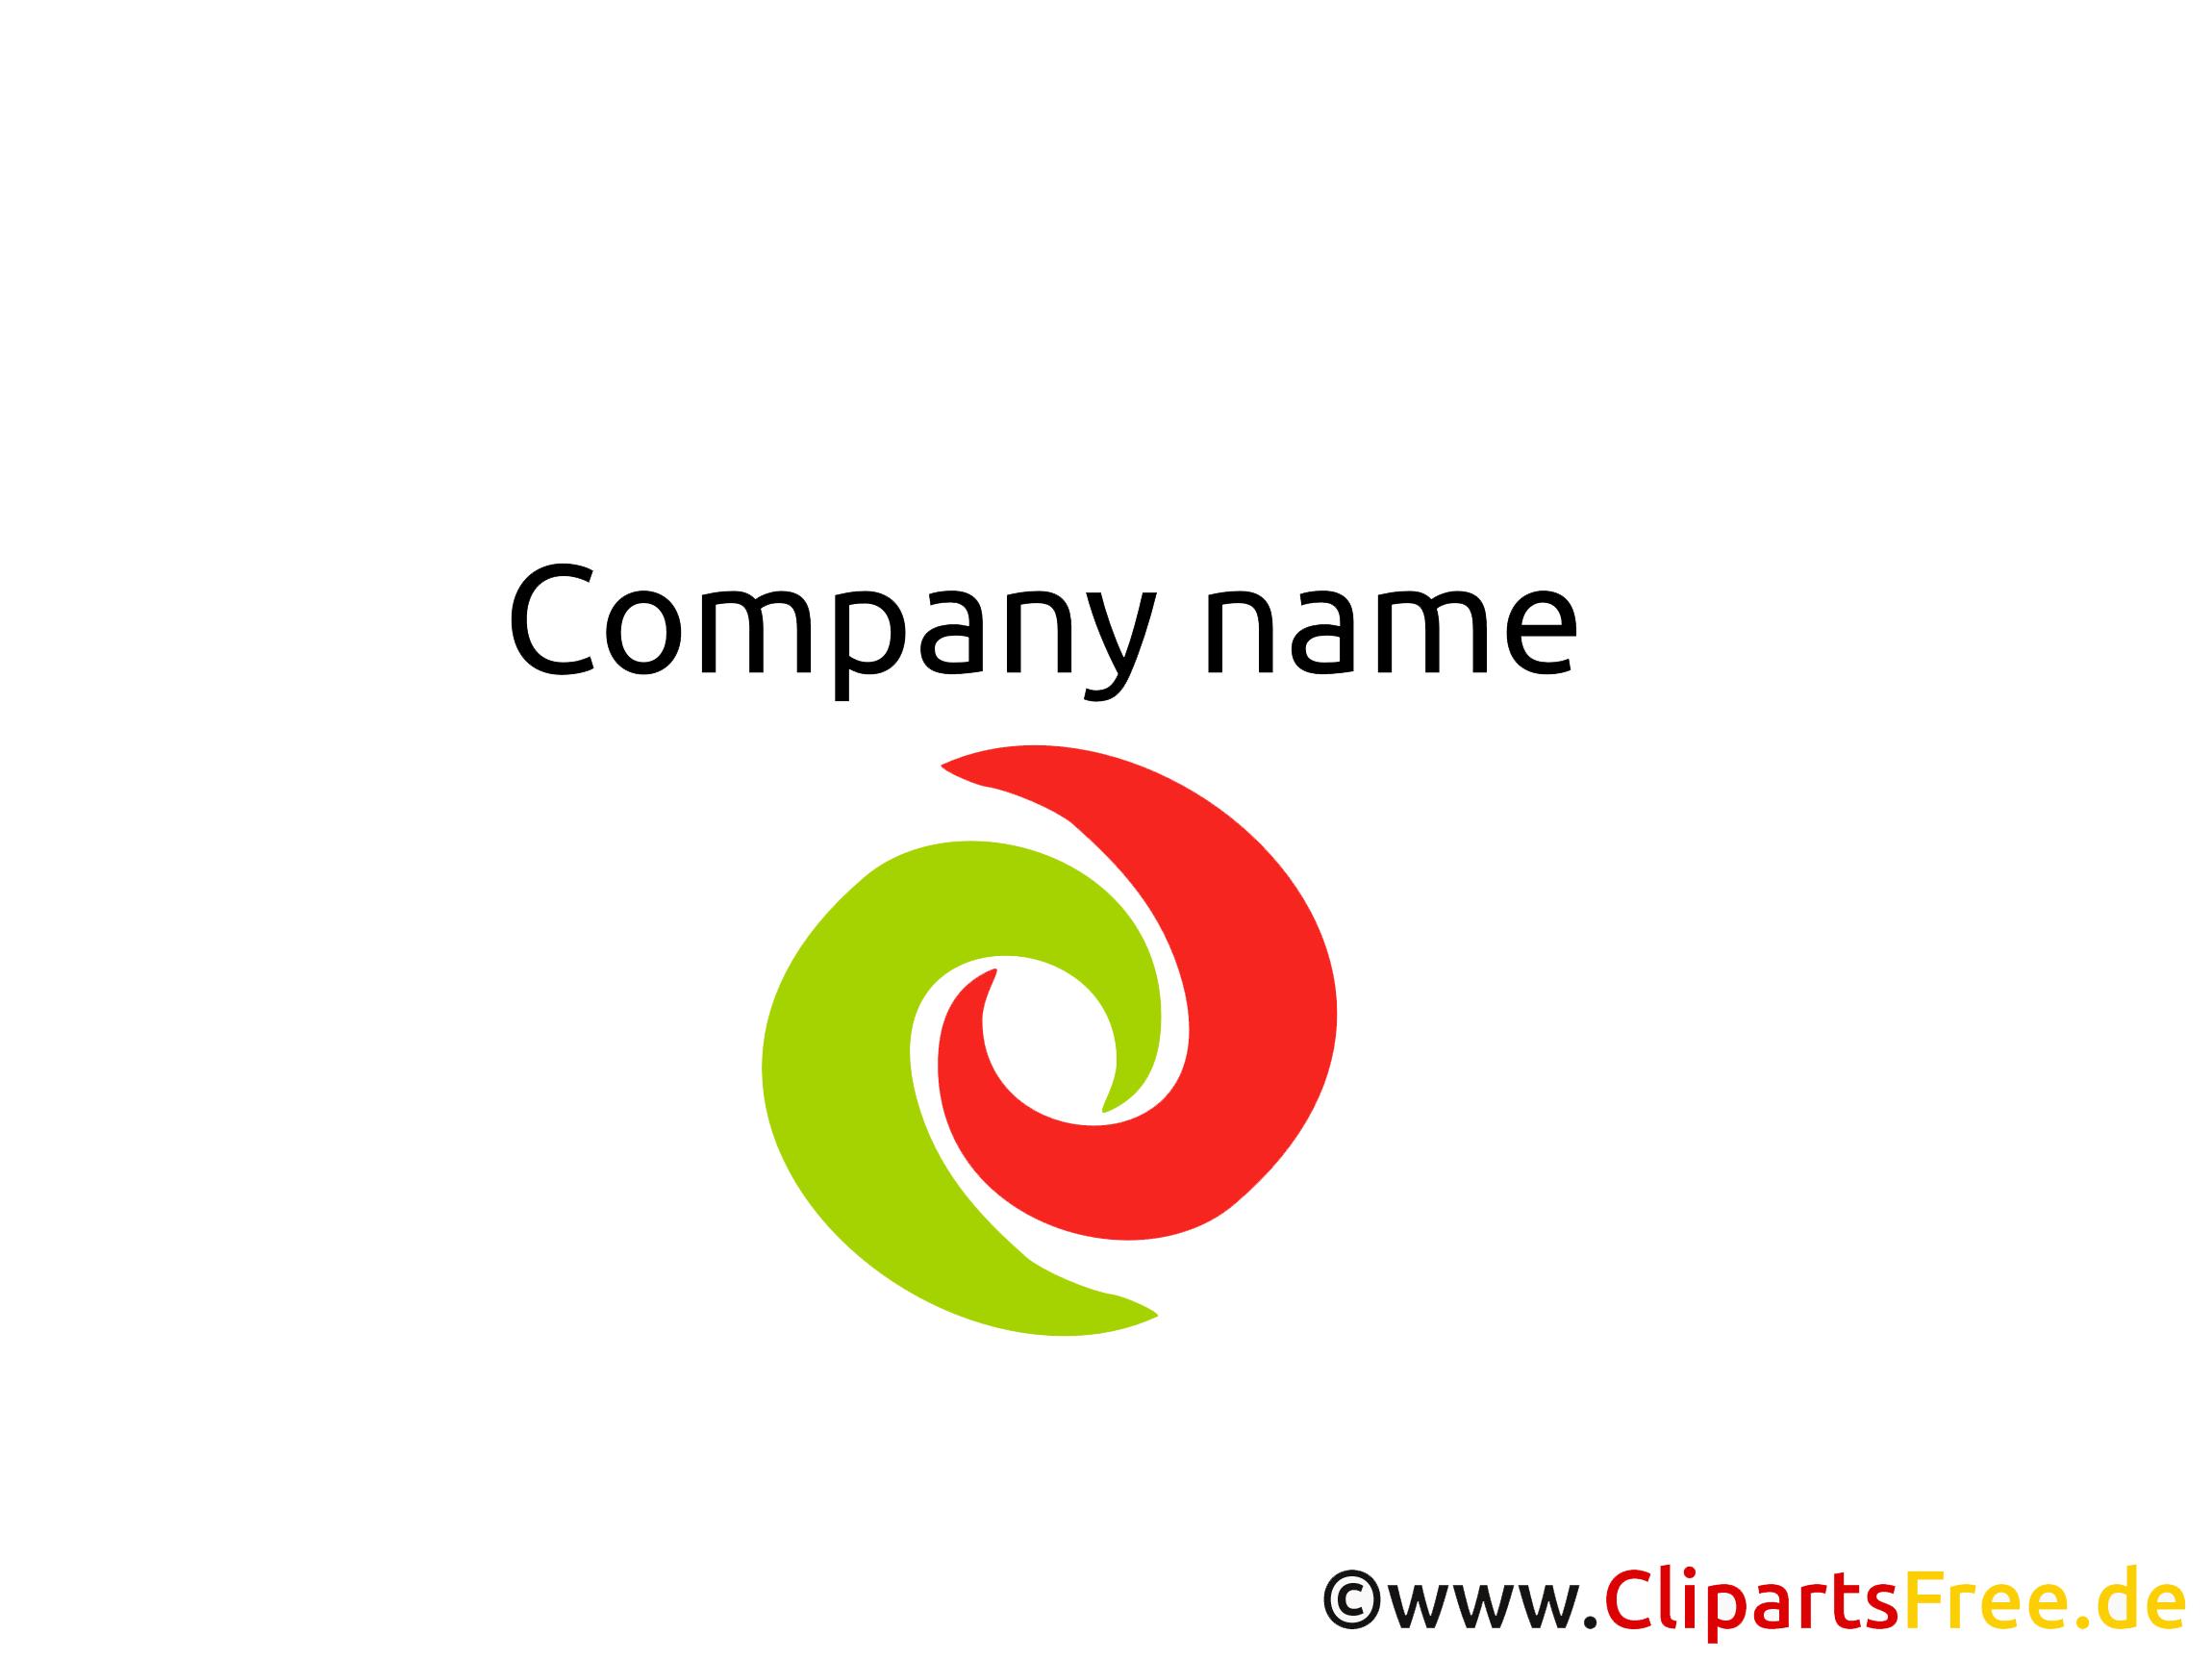 Enseigne dessin – Logo cliparts à télécharger